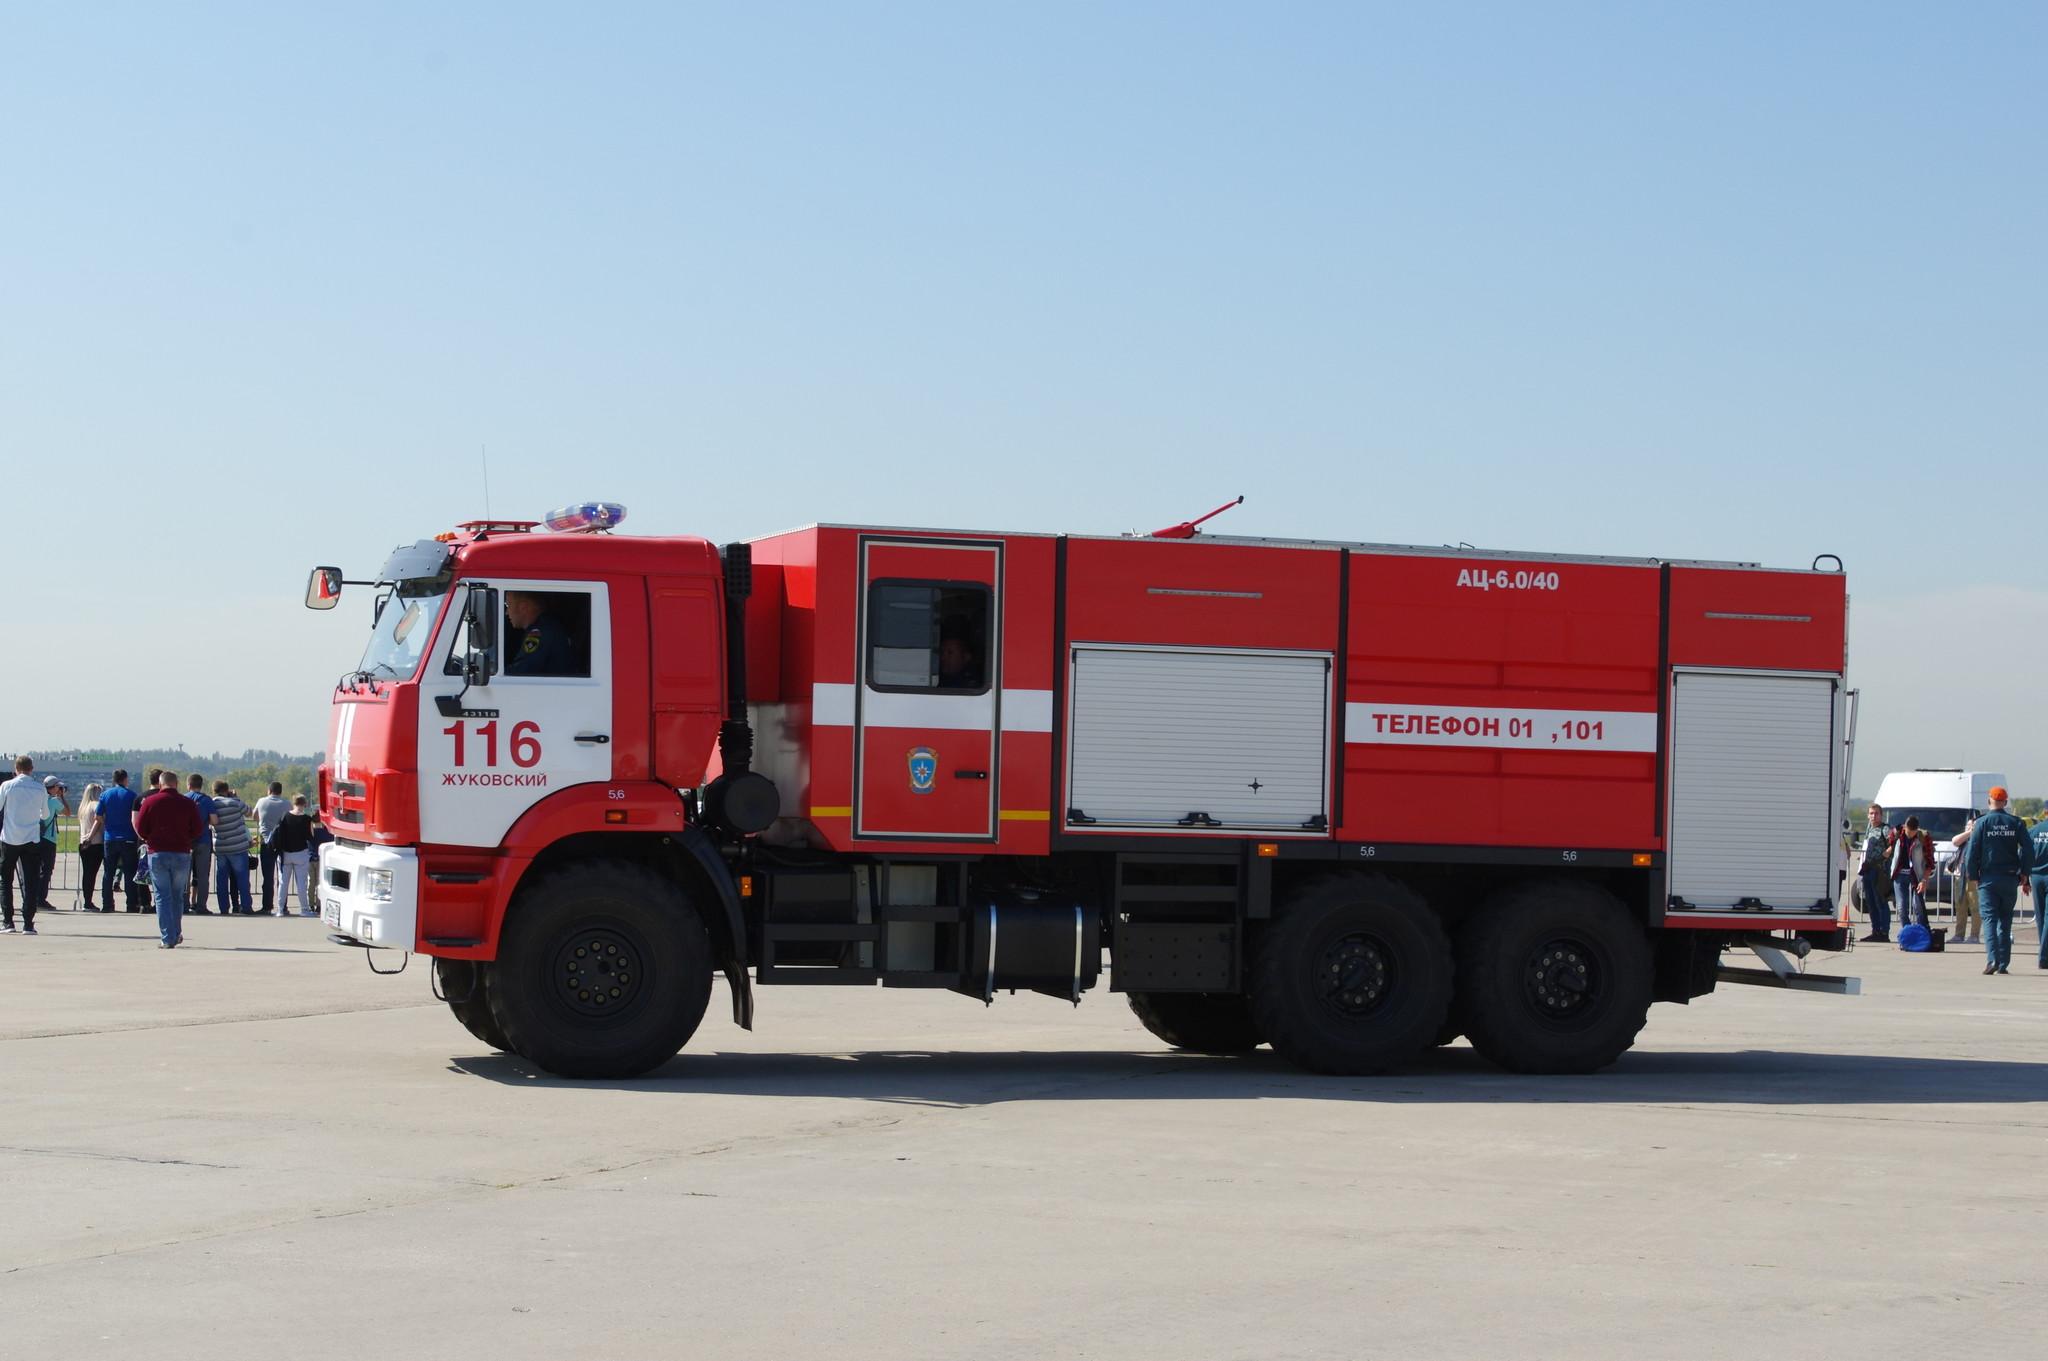 Автоцистерна пожарная АЦ-6,0/40 (КАМАЗ-43118). XIV Международный авиационно-космический салон МАКС-2019